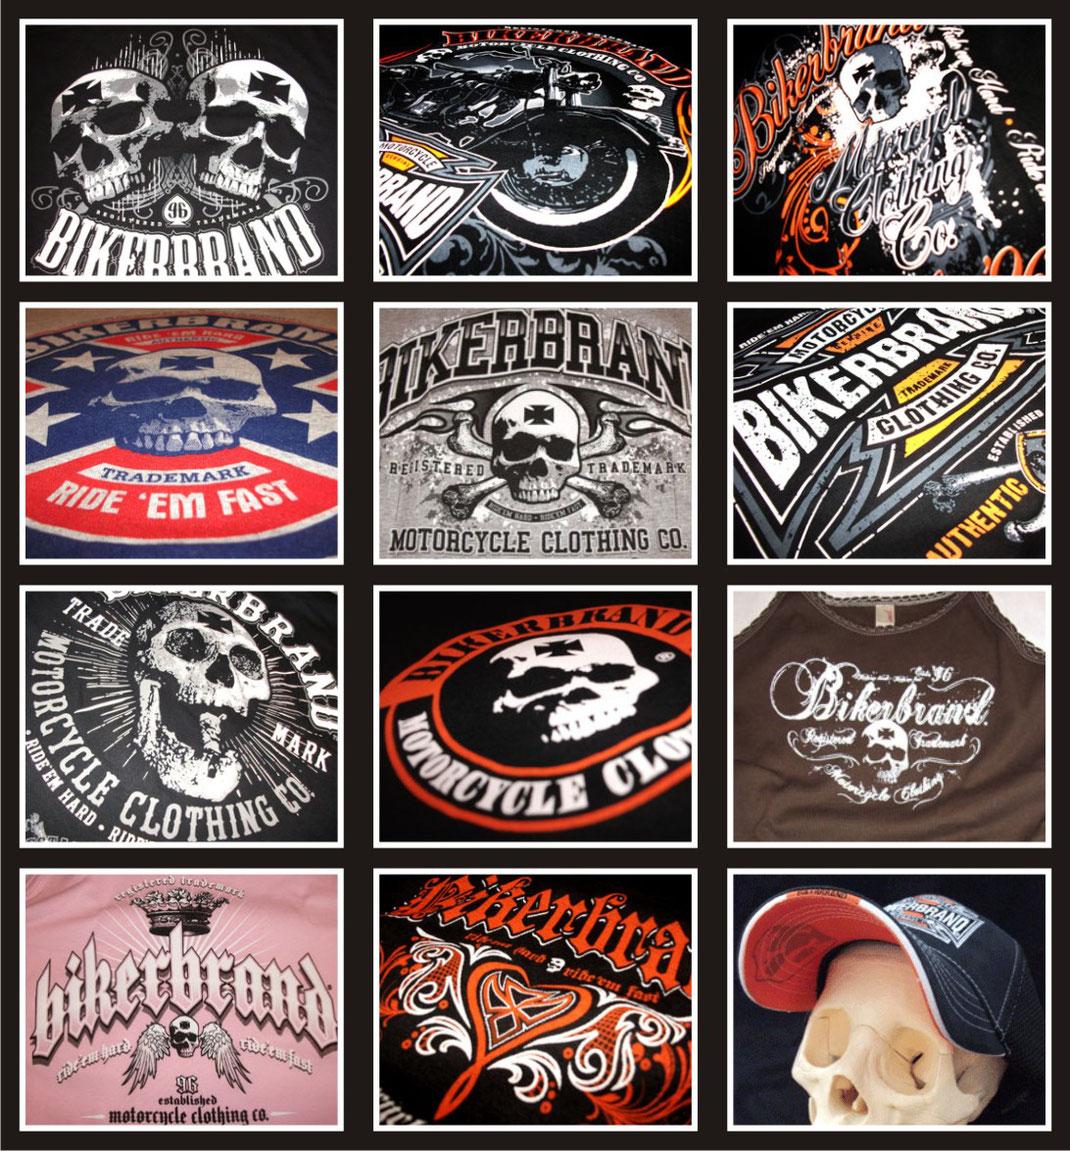 Bikerbrand t-shirt, collage